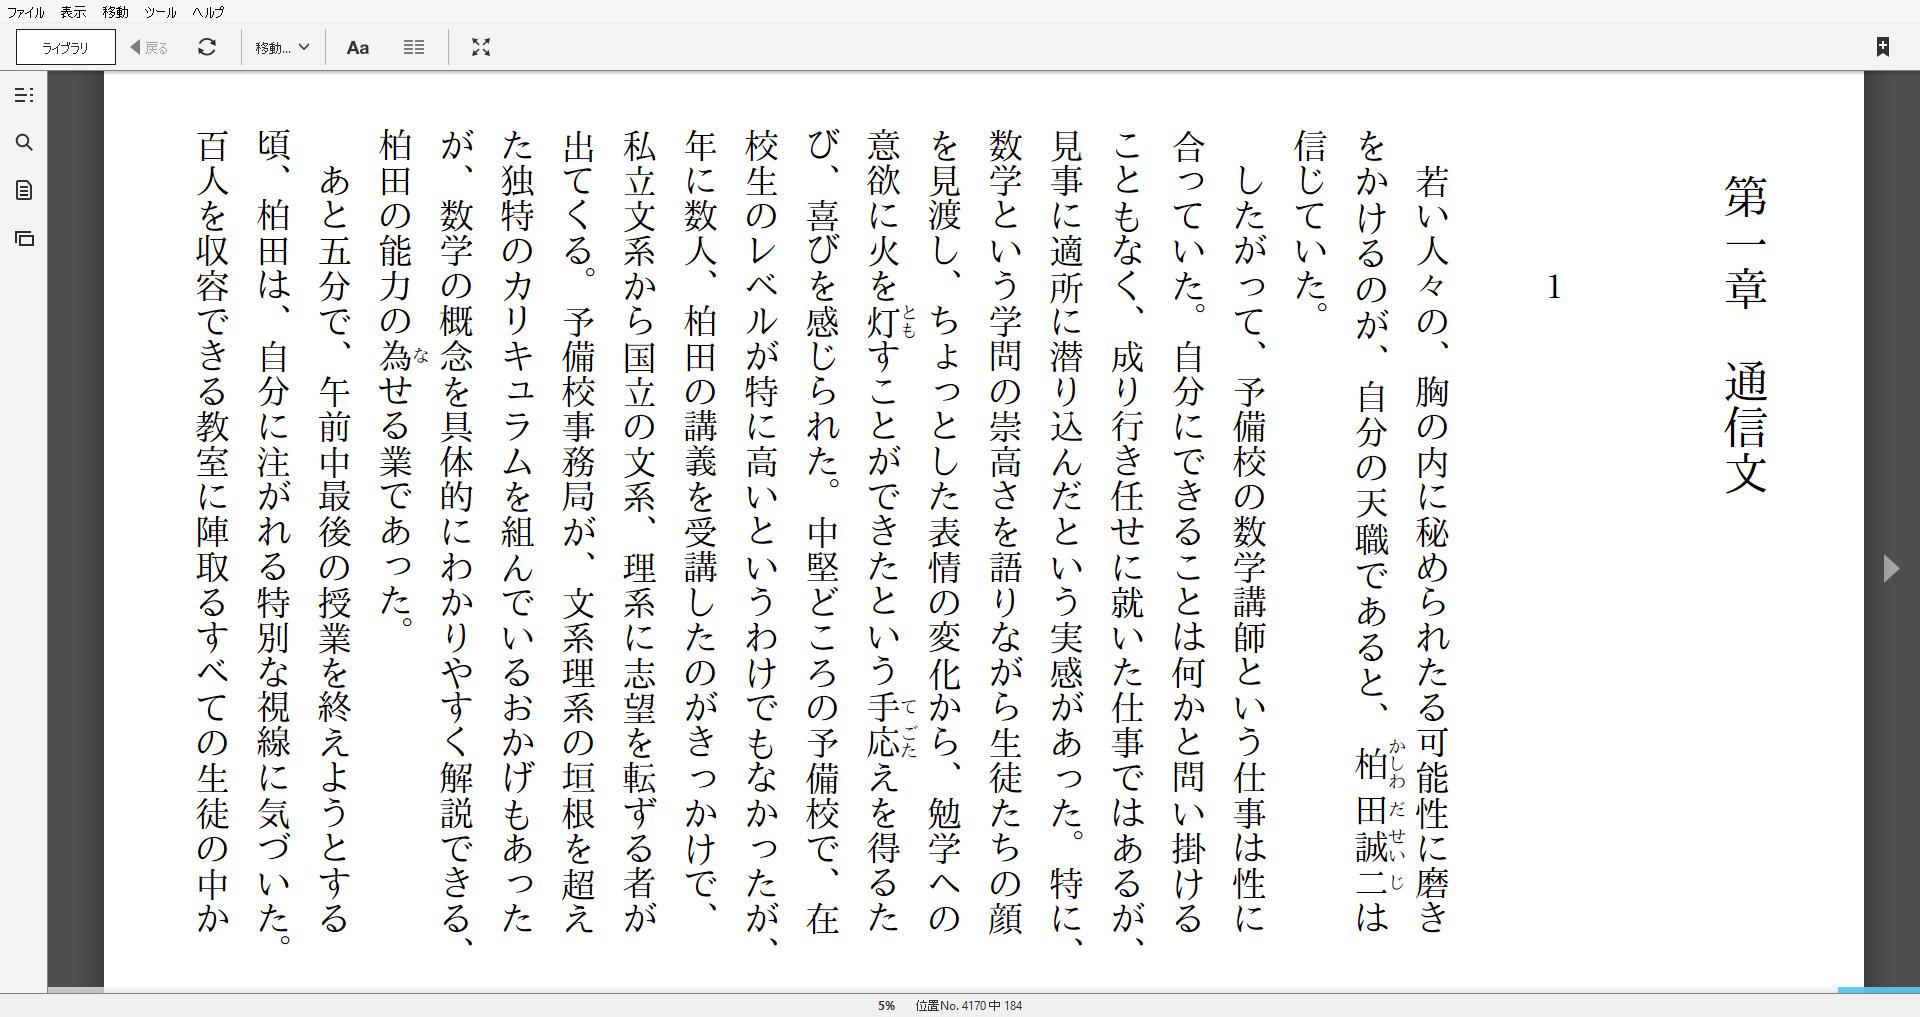 鈴木光司 タイド ネタバレ